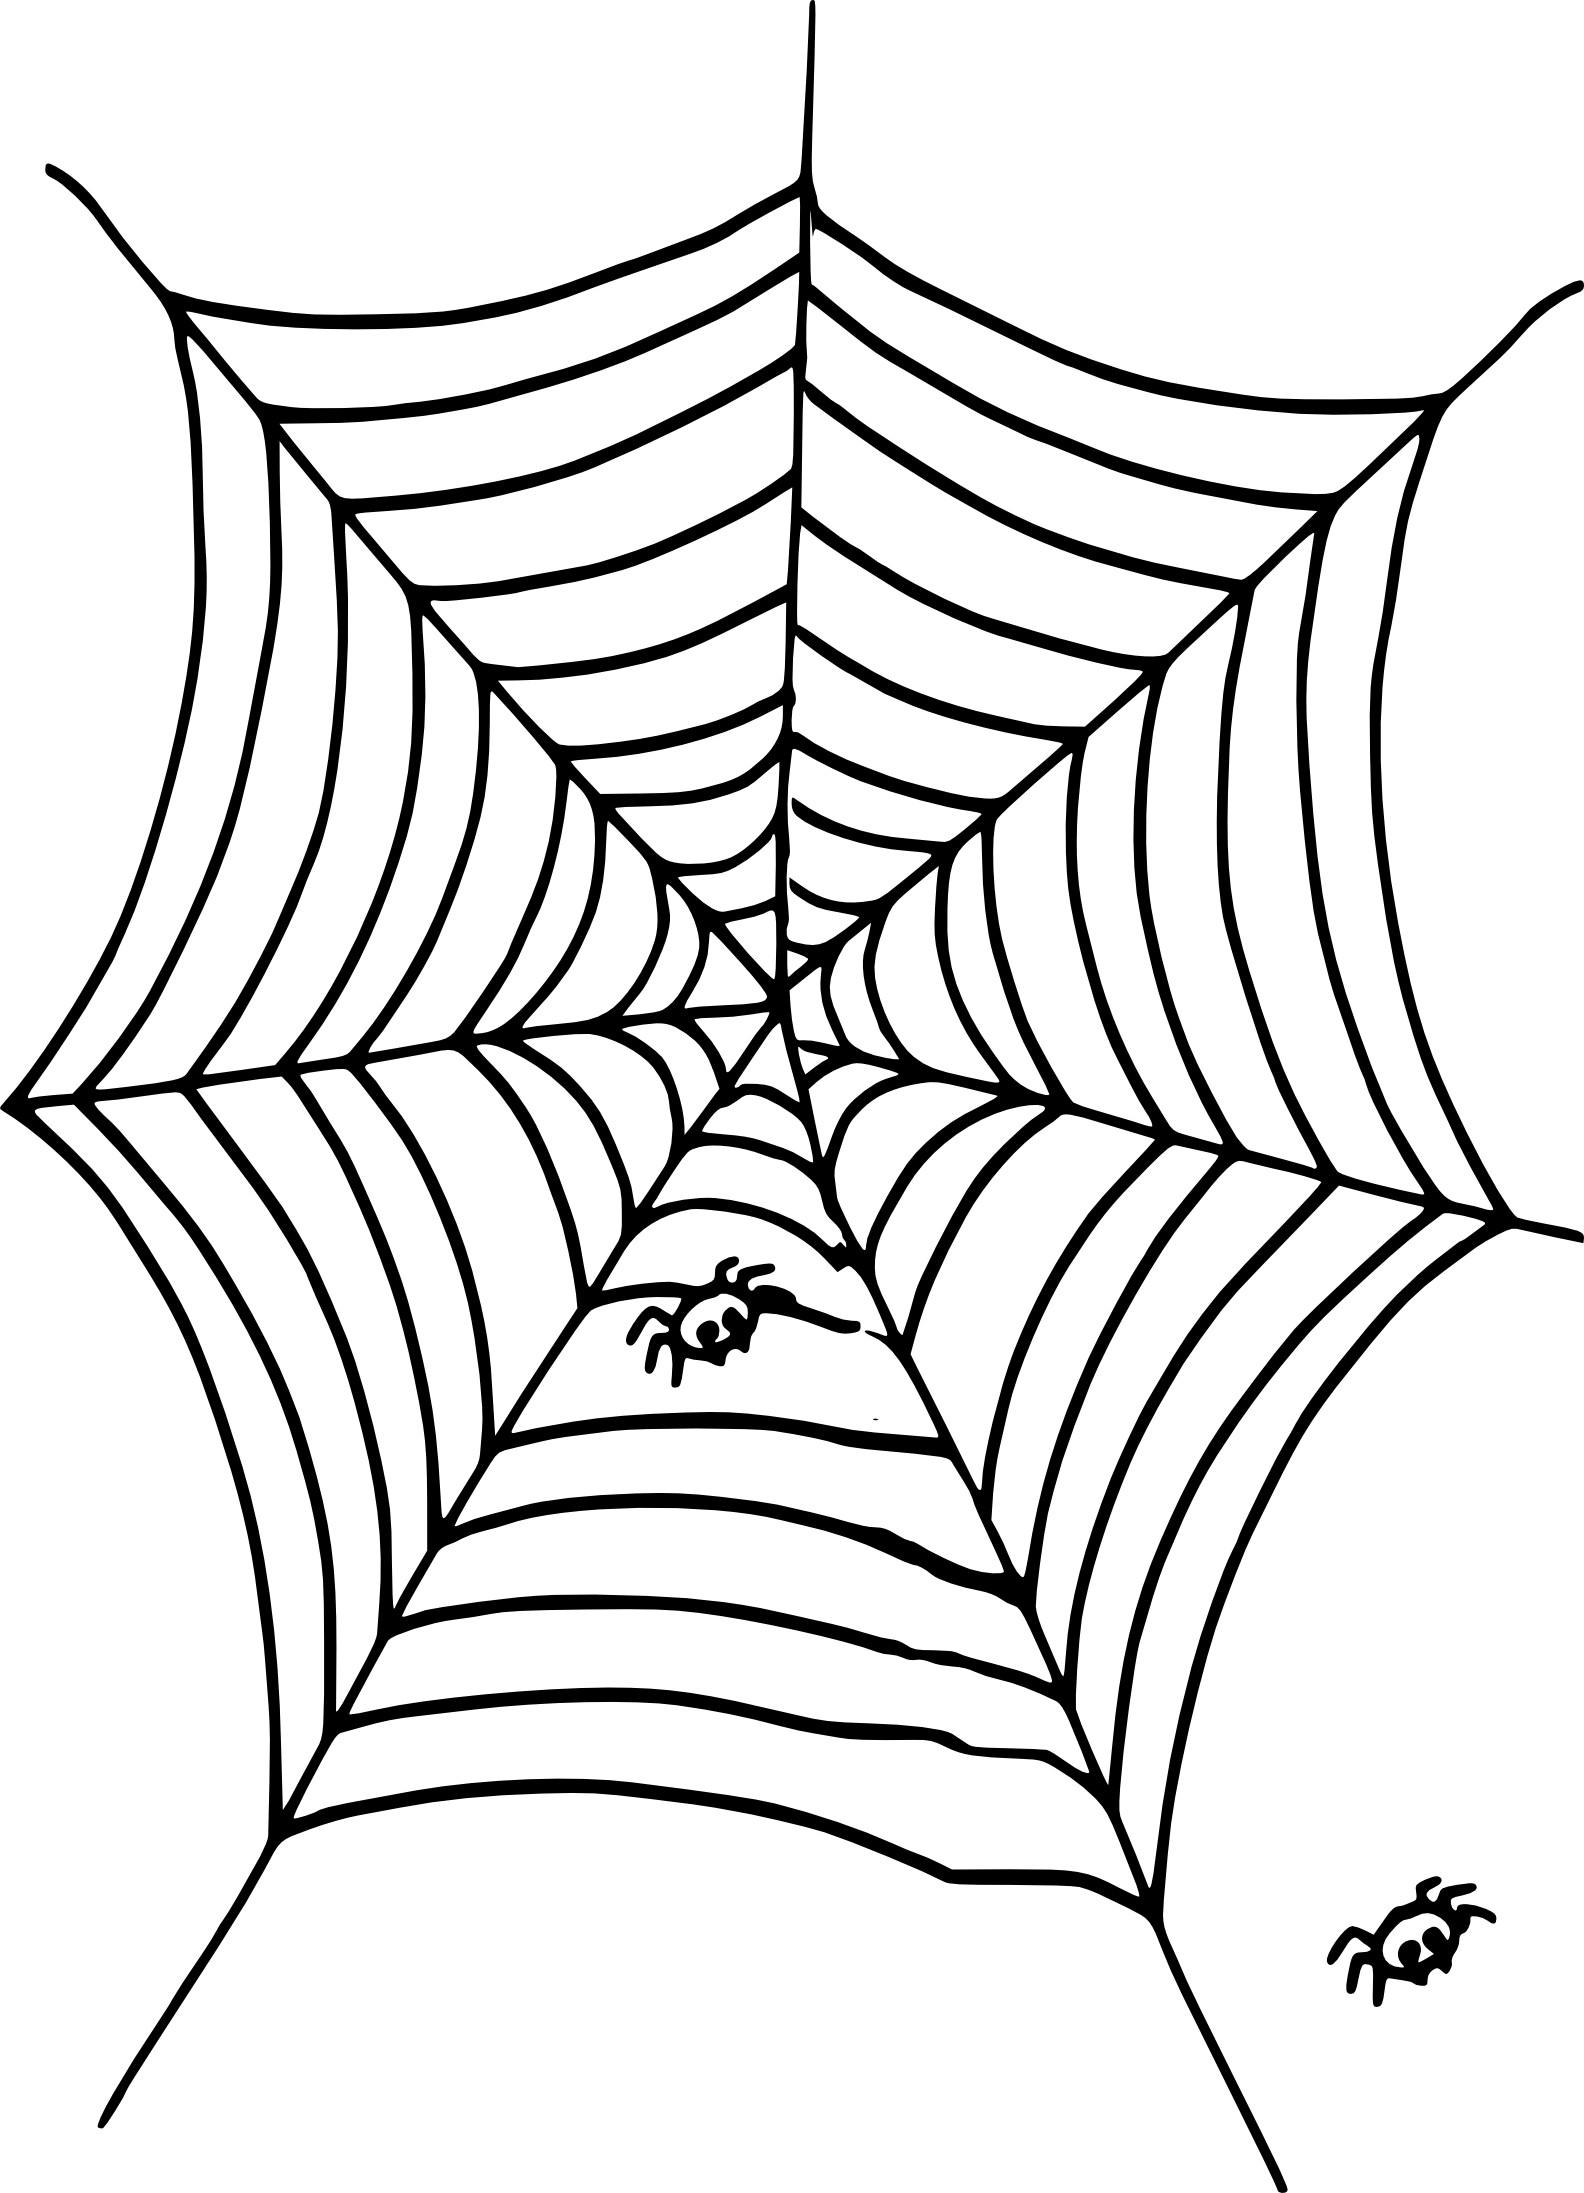 Coloriage Toile D'araignée À Imprimer concernant Toile D Araignée Dessin